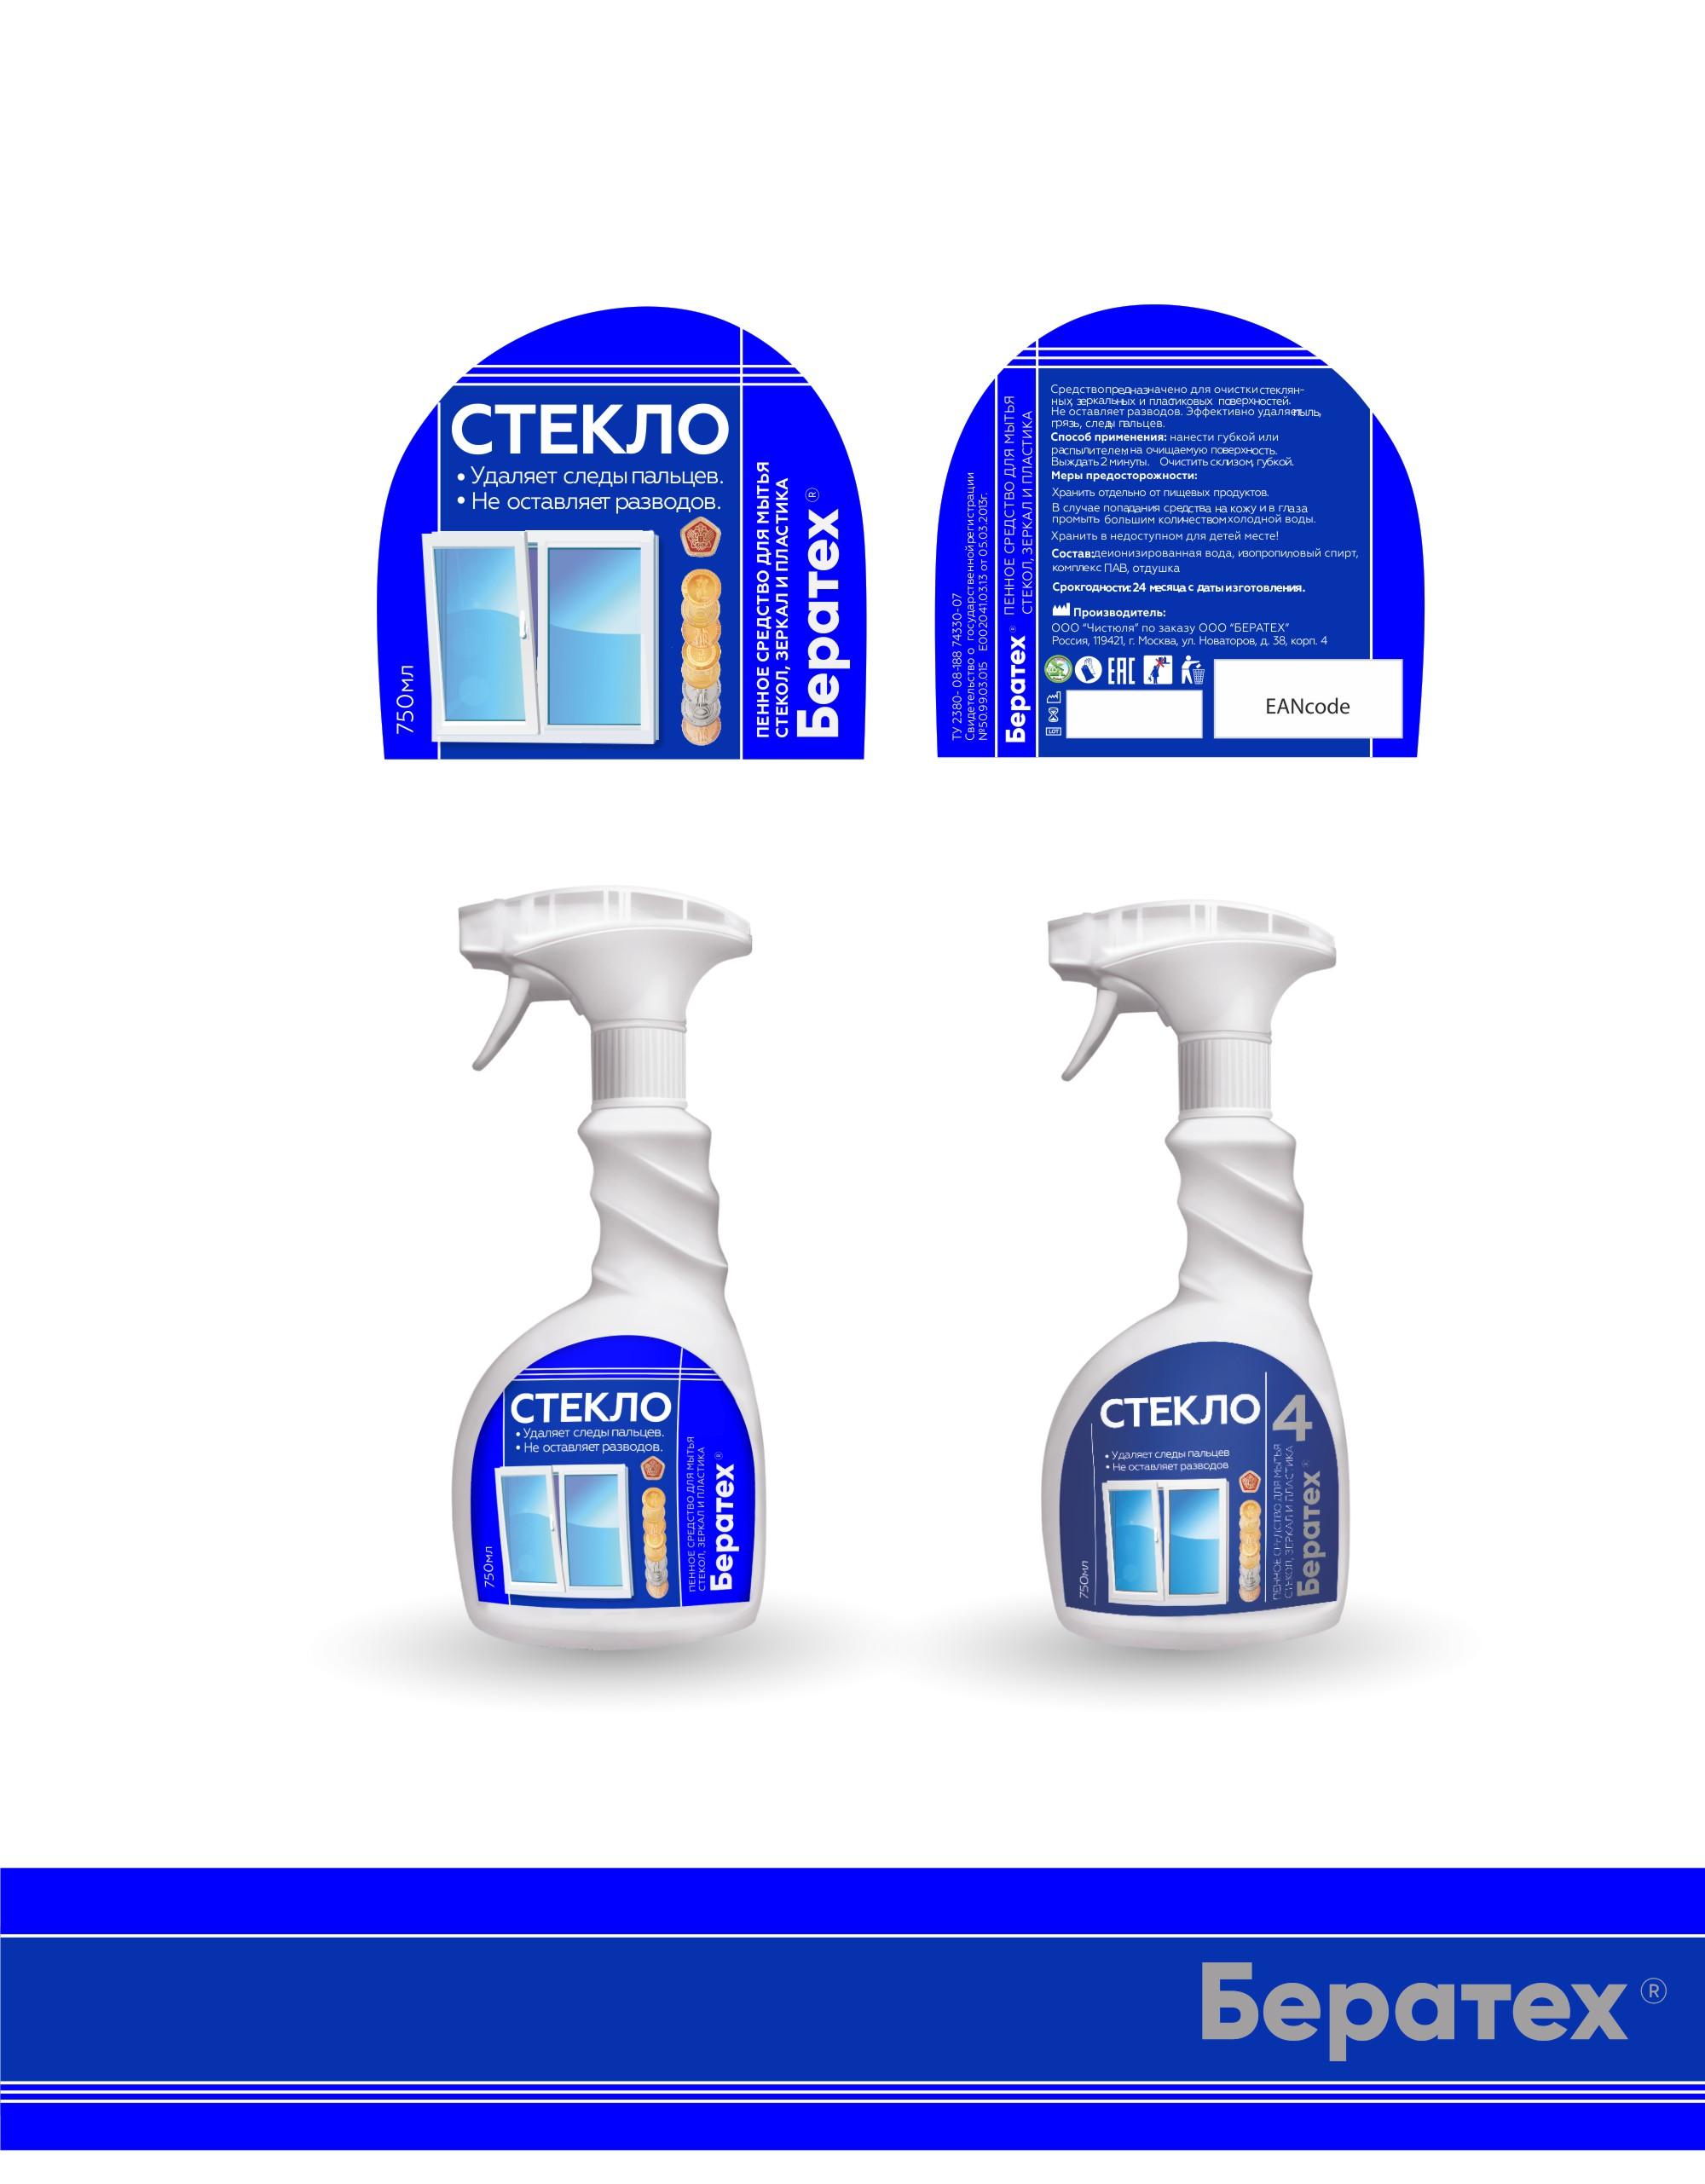 Дизайн этикеток для бытовой химии фото f_1445a5633782963a.jpg